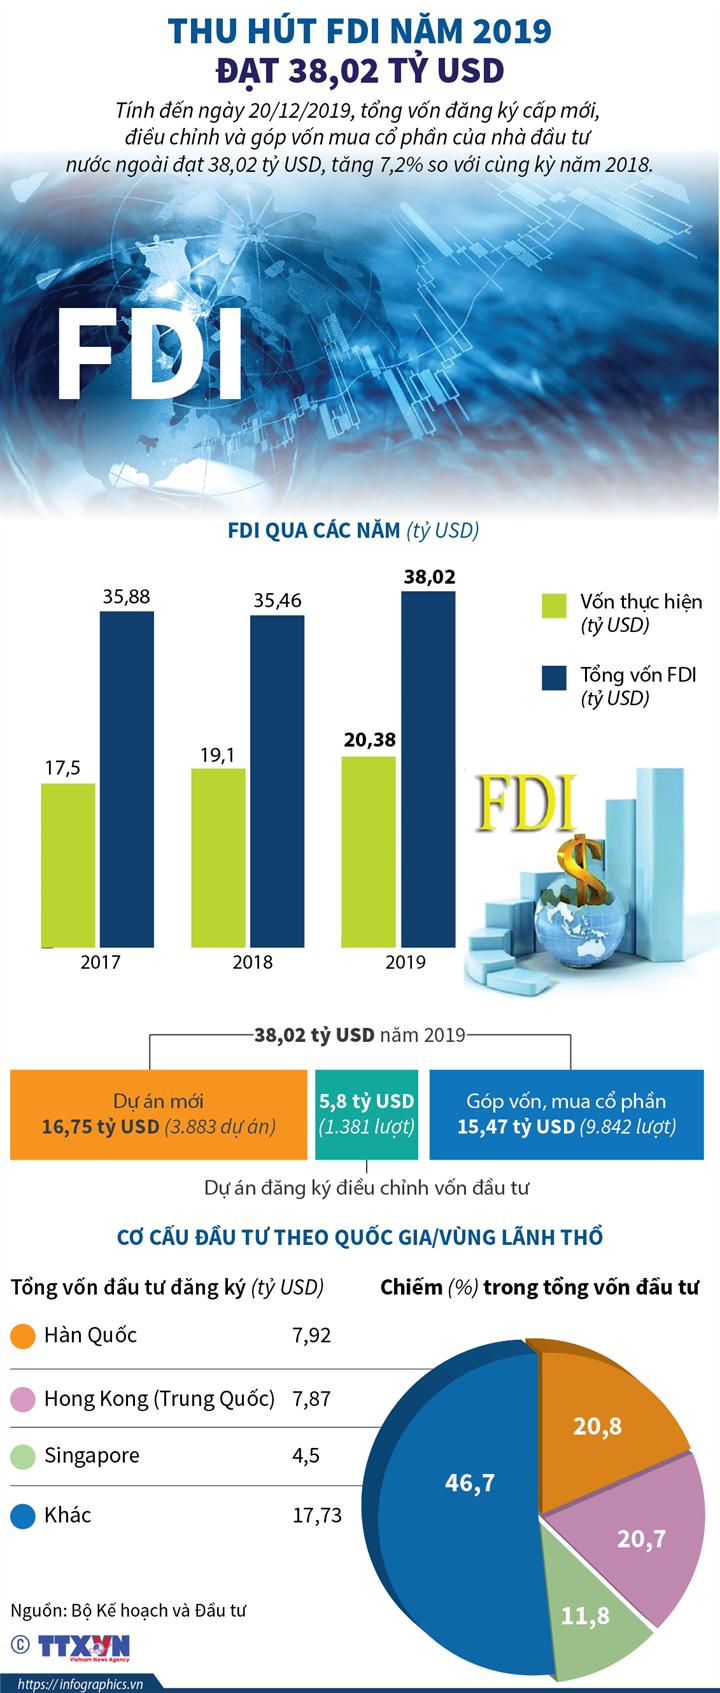 [Infographics] Thu hút FDI năm 2019 đạt 38,02 tỷ USD - Ảnh 1